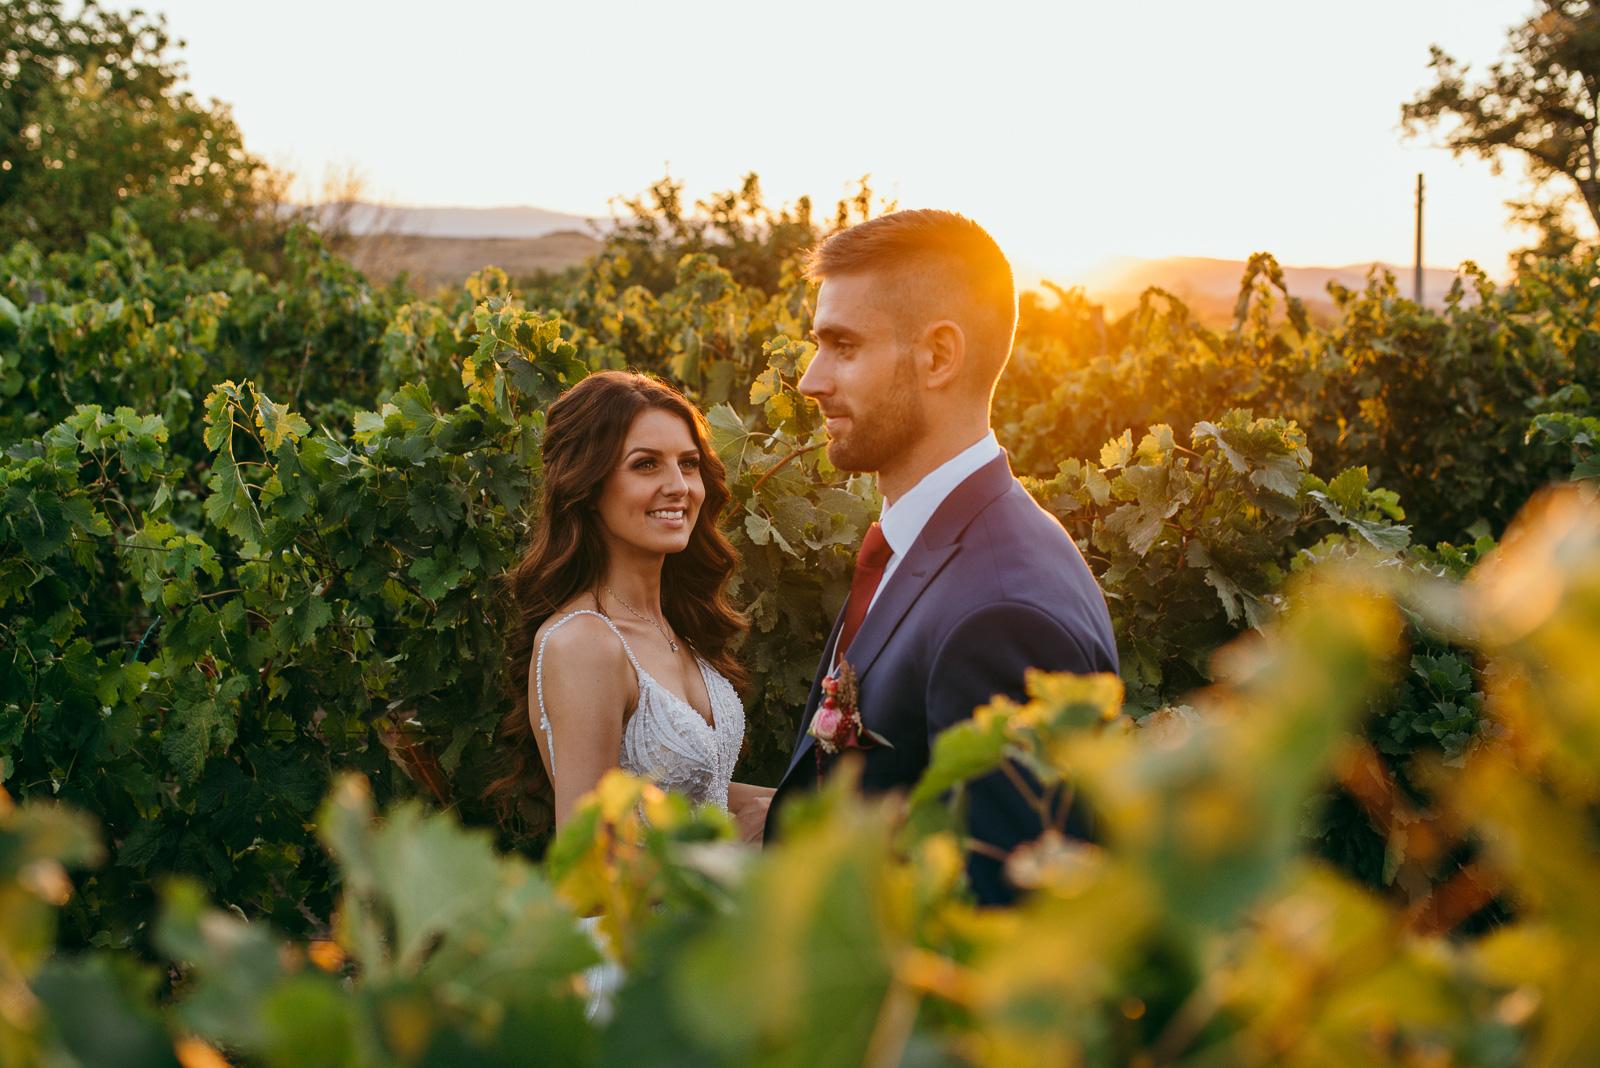 Градинска сватба Естера Вини